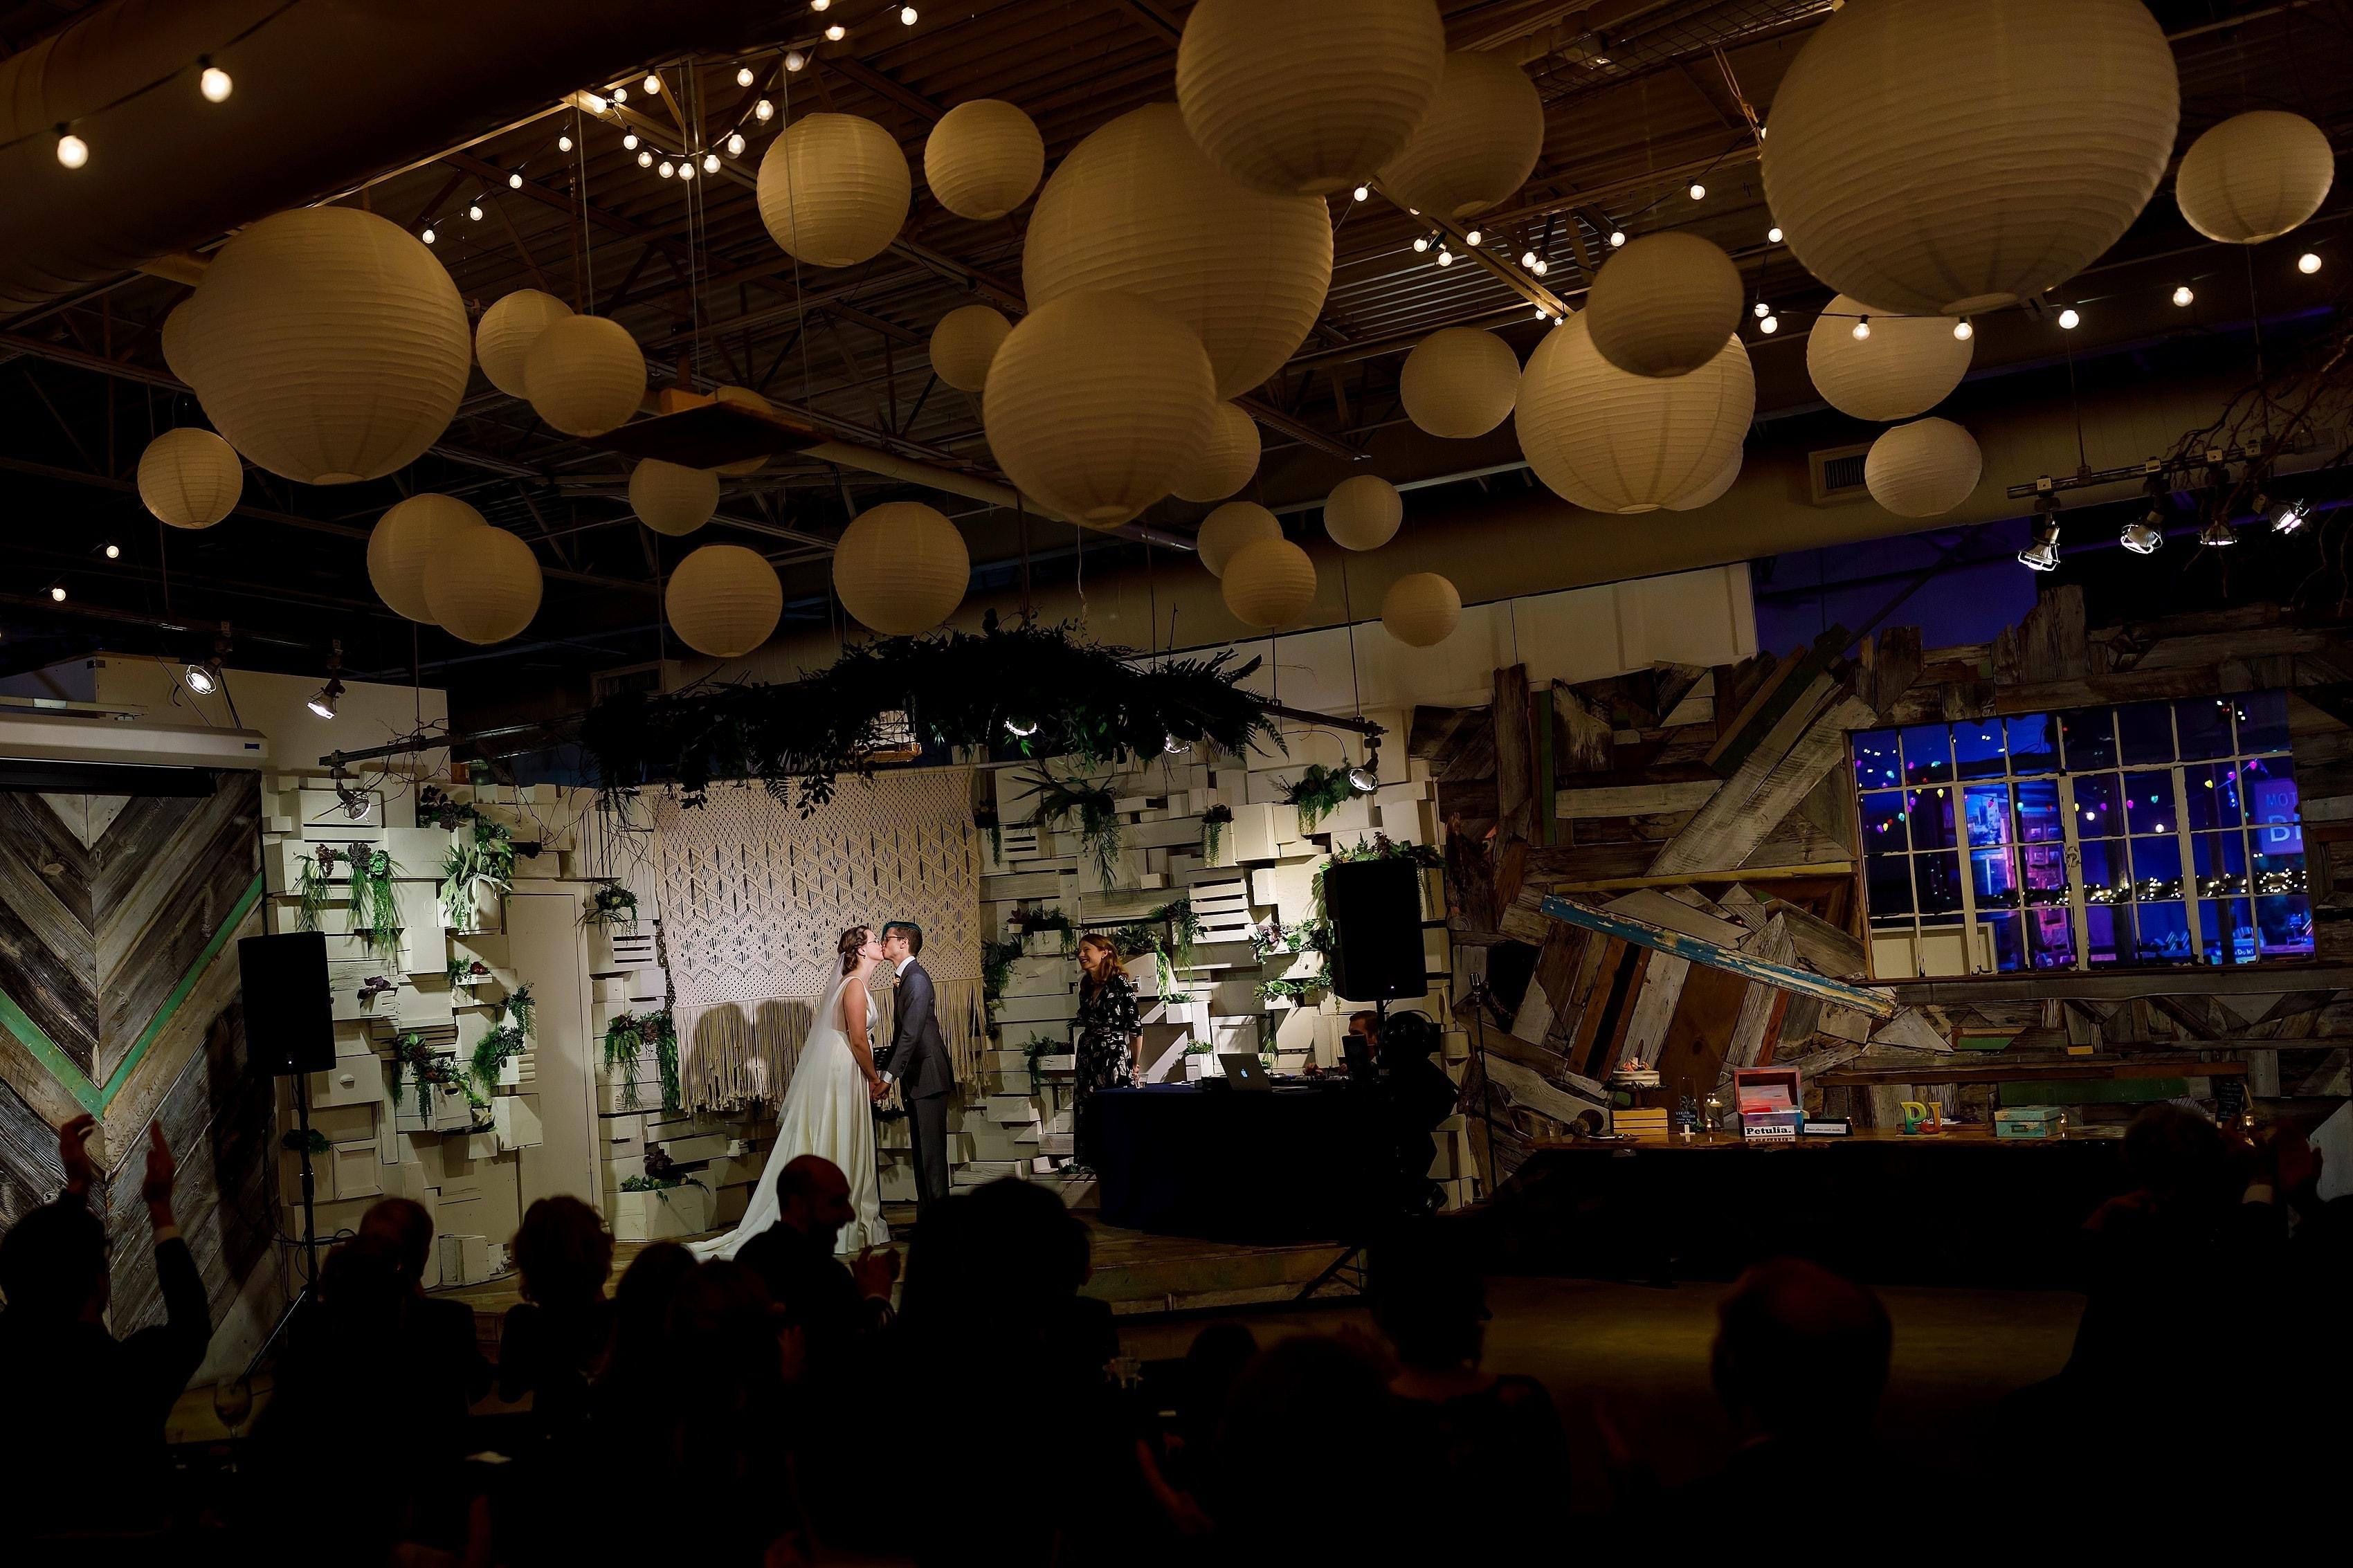 Julia & Peter's Rust Belt Market Wedding in downtown Ferndale